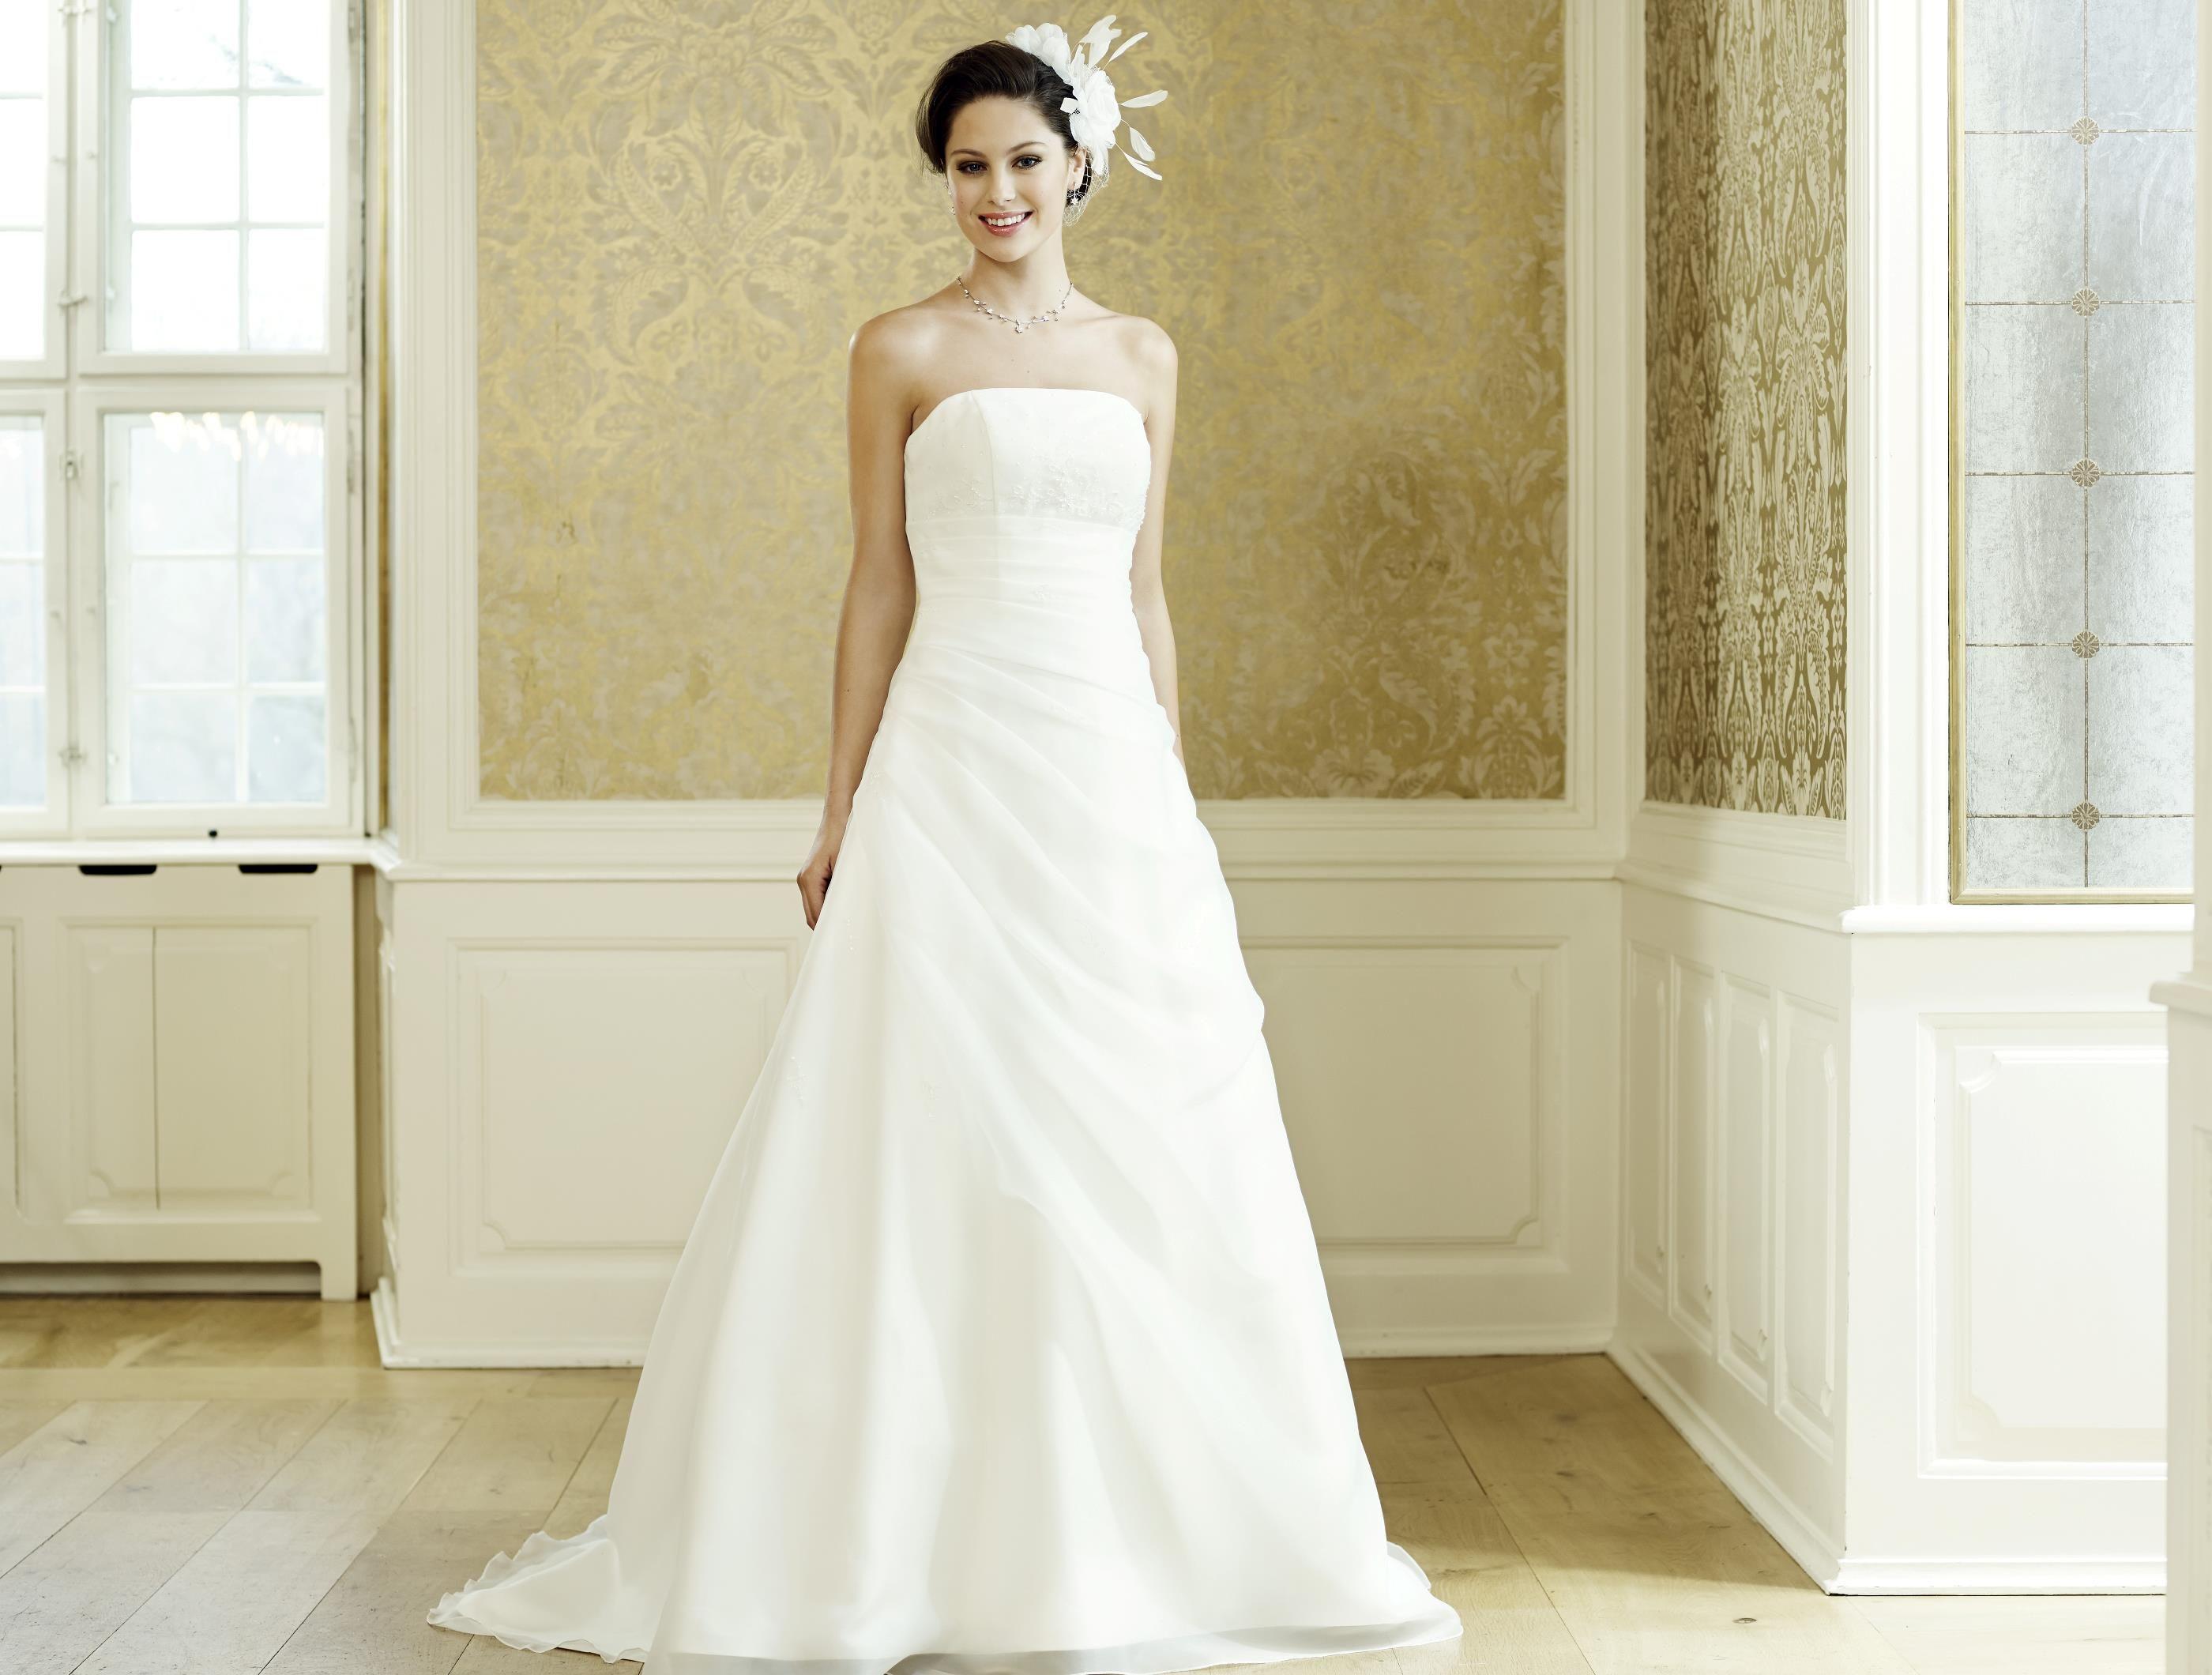 83d09aeef832 Brudklänning från Lilly | The dress